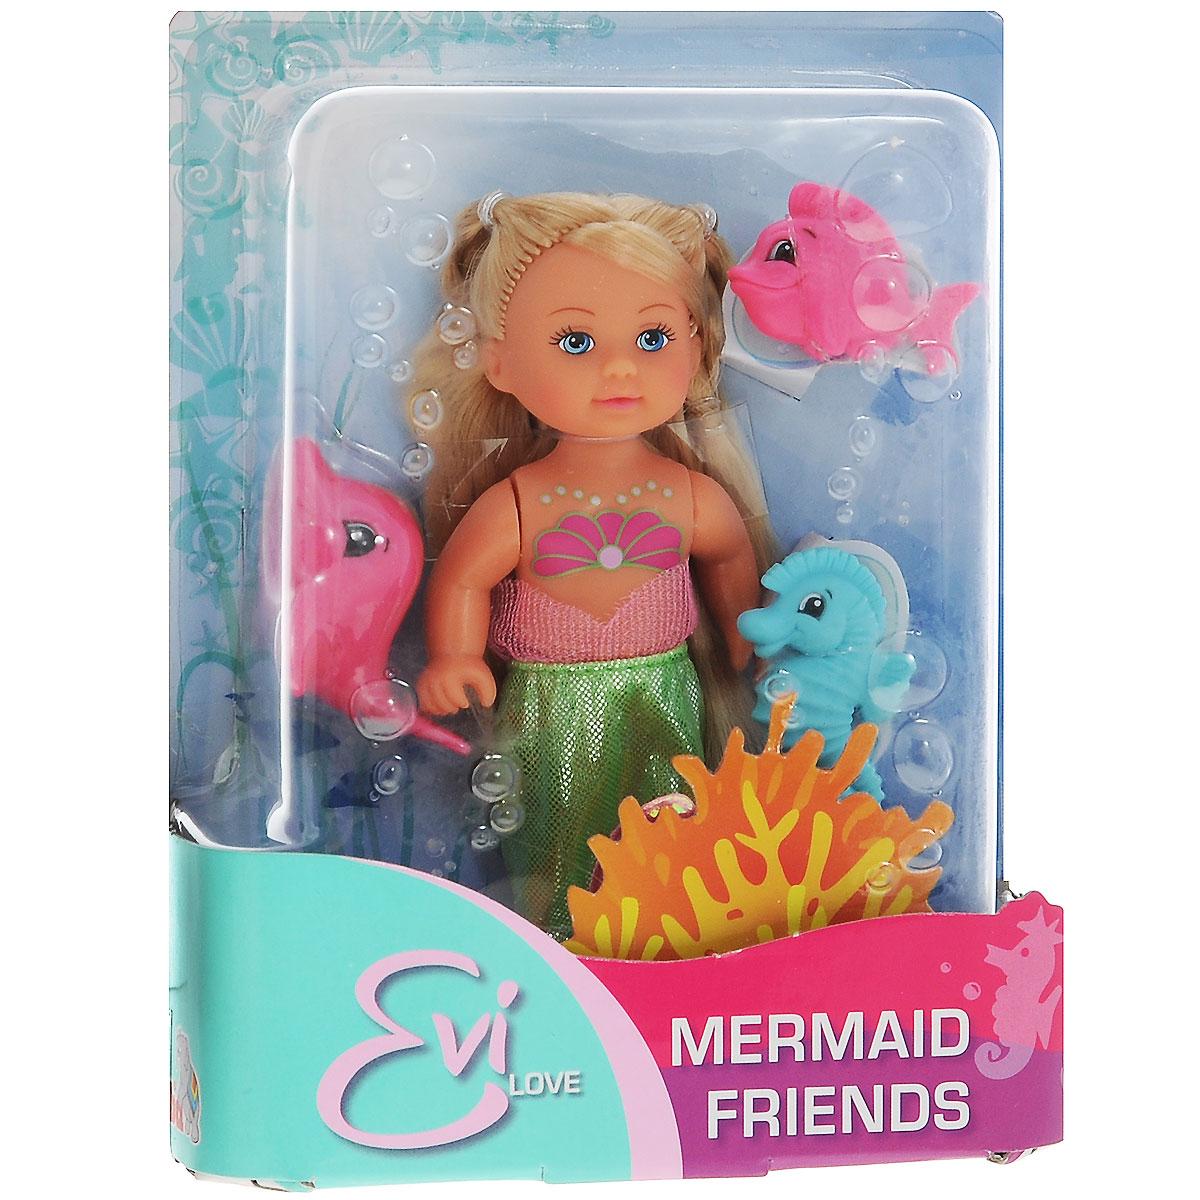 Кукла Simba Еви-русалочка с рыбками, цвет: салатовый5737788_цвет салатовыйКукла Simba Еви-русалочка с рыбками порадует любую девочку и надолго увлечет ее. В комплект входит кукла Еви и 3 питомца - рыбка, дельфин и морской конек. Красавица Еви выглядит совсем как настоящая русалка. Ее рыбий хвост съемный и выполнен из блестящего текстильного материала. Вашей дочурке непременно понравится заплетать длинные белокурые волосы куклы, придумывая разнообразные прически. Руки, ноги и голова куклы подвижны, благодаря чему ей можно придавать разнообразные позы. Игры с куклой способствуют эмоциональному развитию, помогают формировать воображение и художественный вкус, а также разовьют в вашей малышке чувство ответственности и заботы. Великолепное качество исполнения делают эту куколку чудесным подарком к любому празднику.